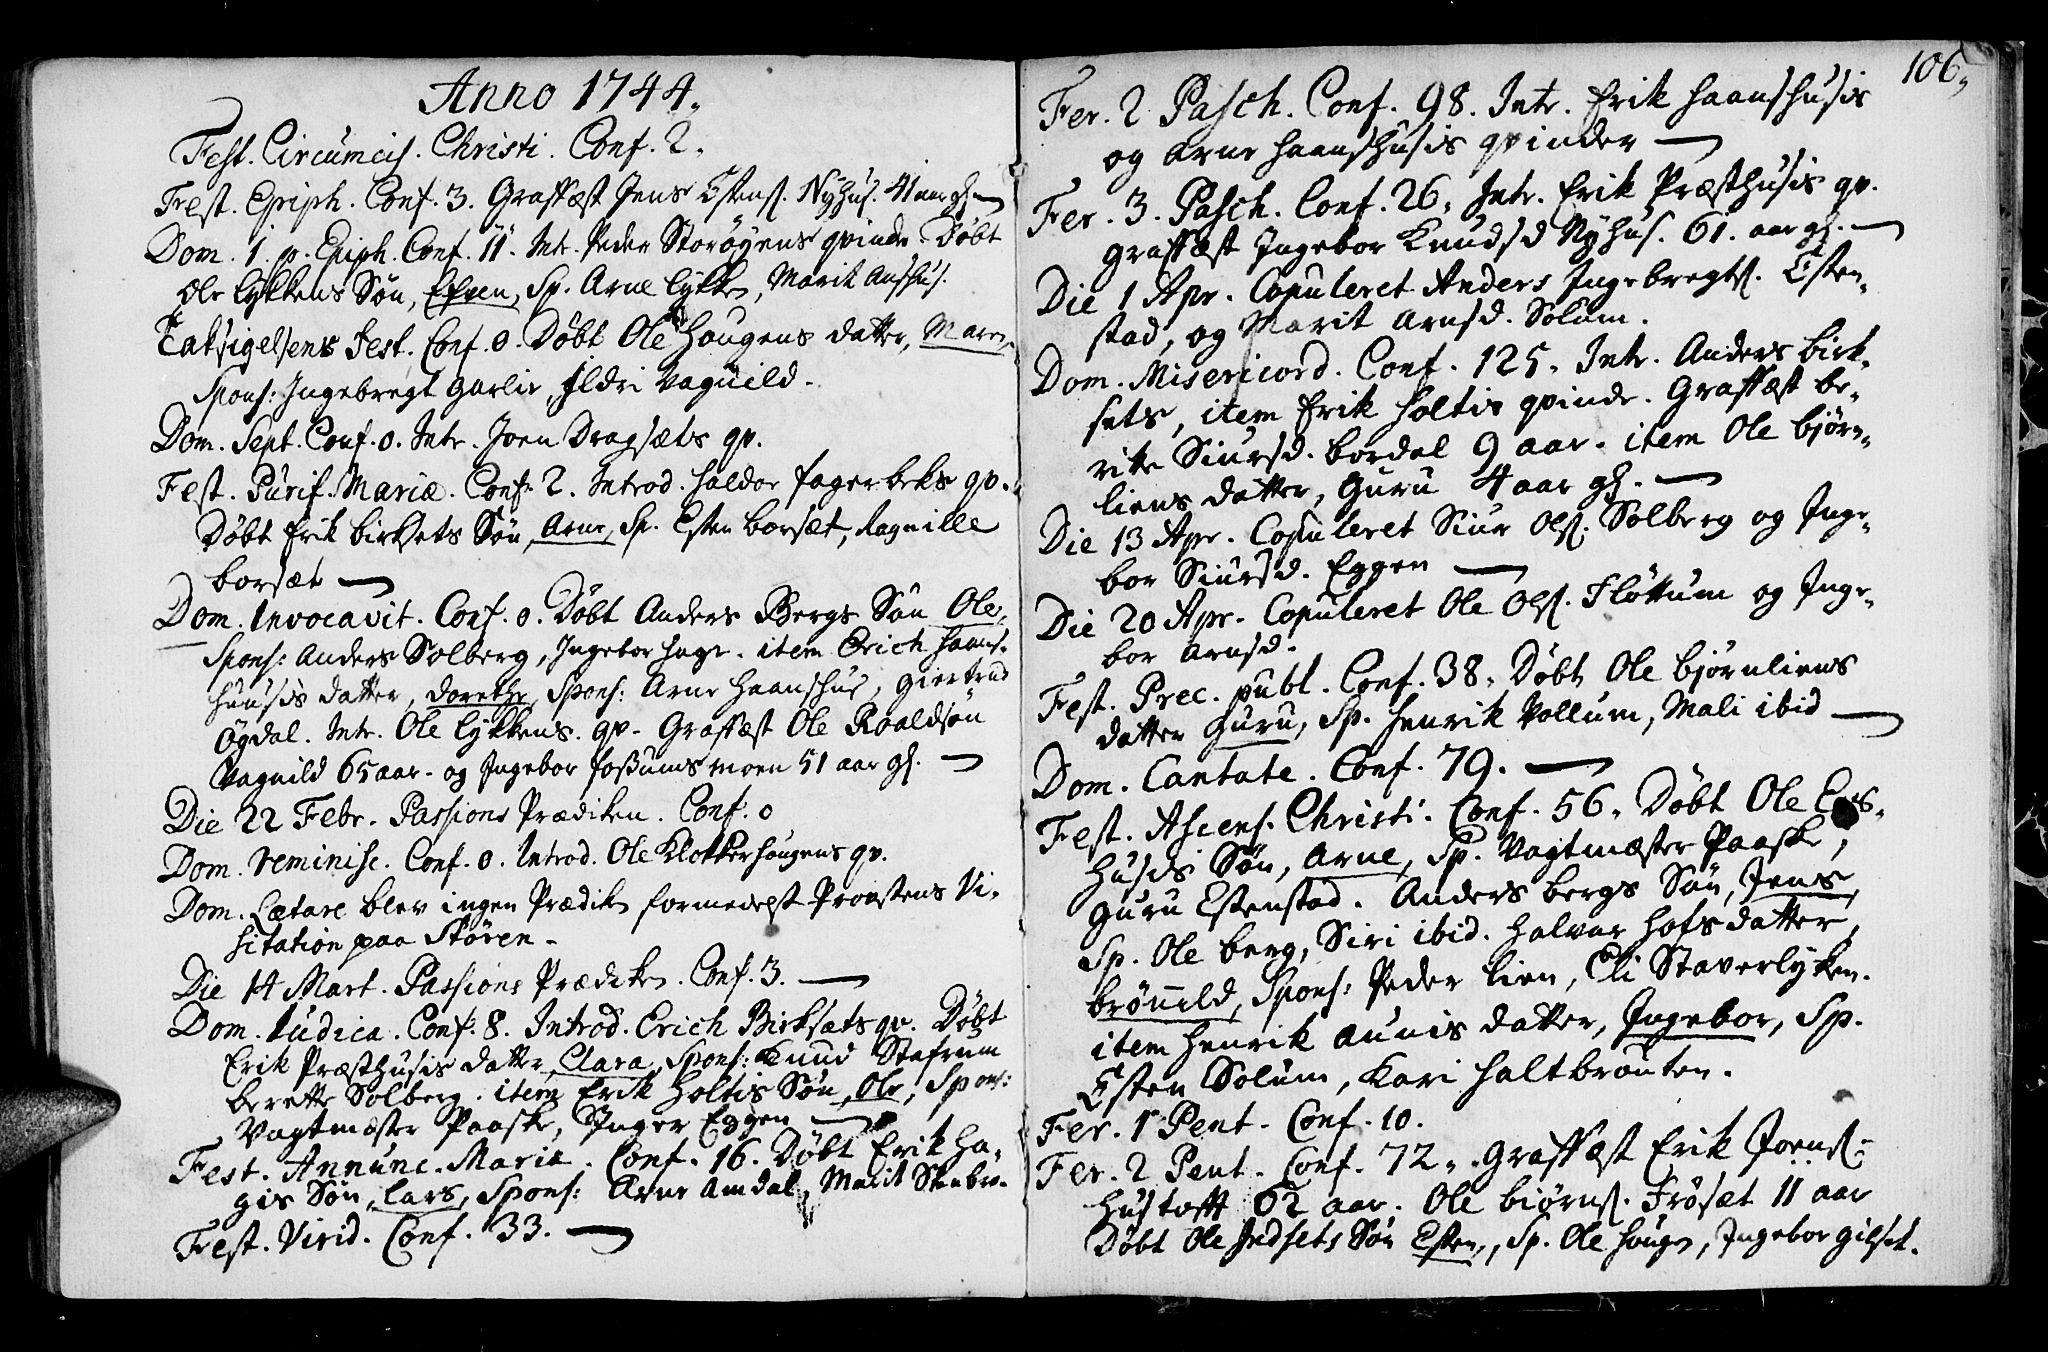 SAT, Ministerialprotokoller, klokkerbøker og fødselsregistre - Sør-Trøndelag, 689/L1036: Ministerialbok nr. 689A01, 1696-1746, s. 106